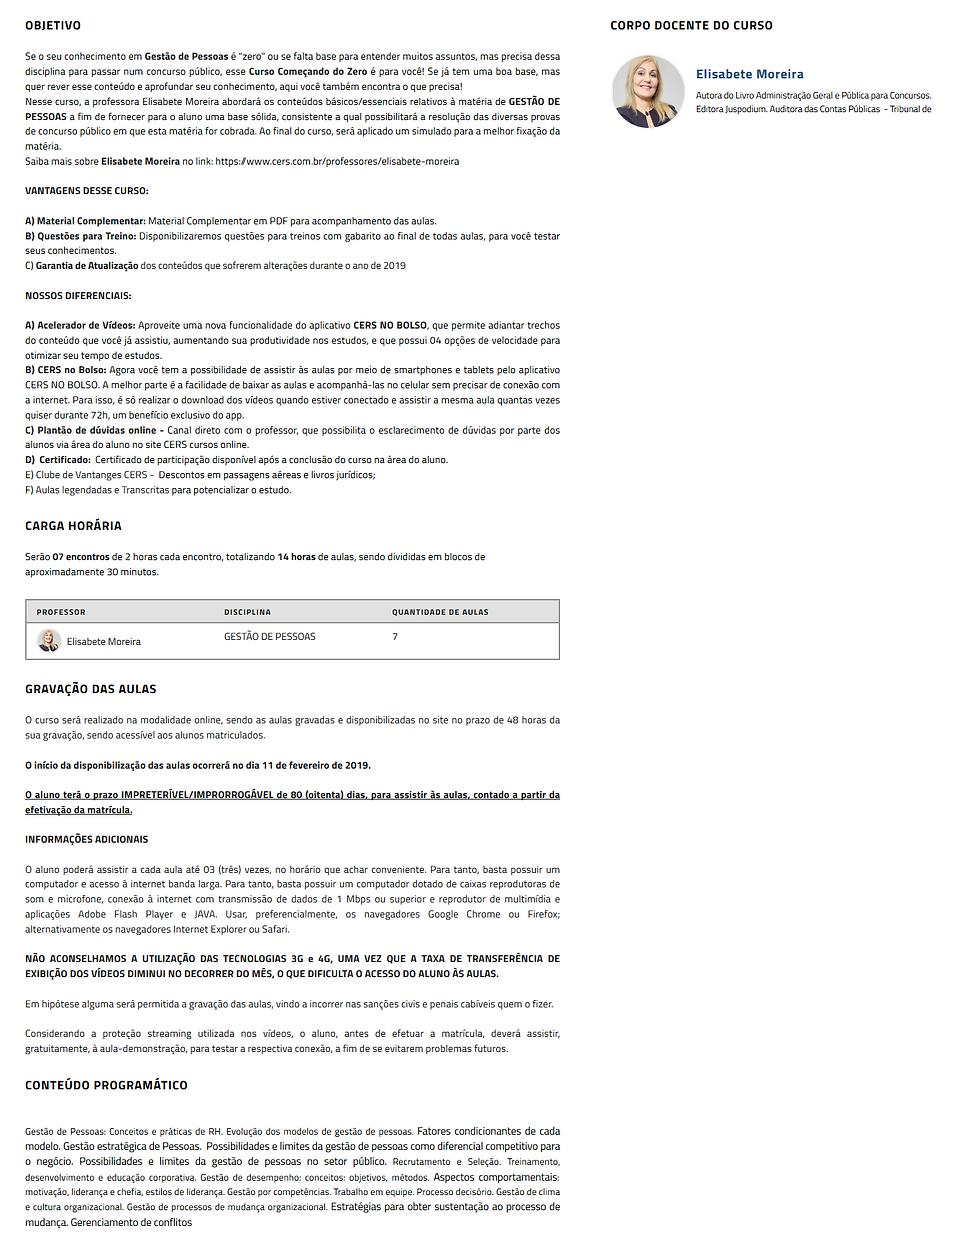 Gestão_de_Pessoas_CS(19).png